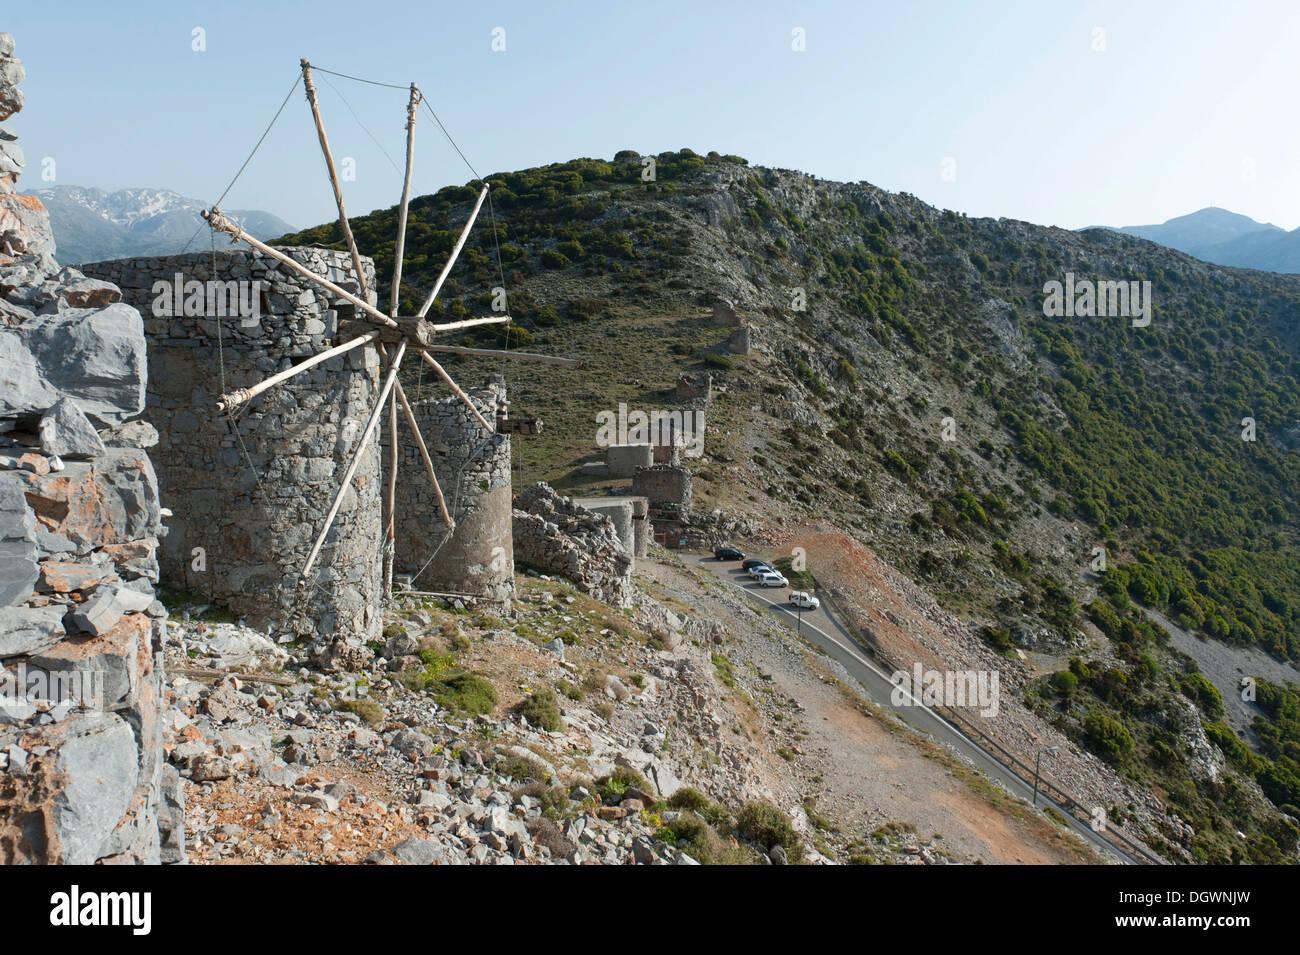 La energía eólica, histórico veneciano antiguo Ambélos molinos en el pase, meseta de Lasithi, en Creta, Grecia, Europa Imagen De Stock